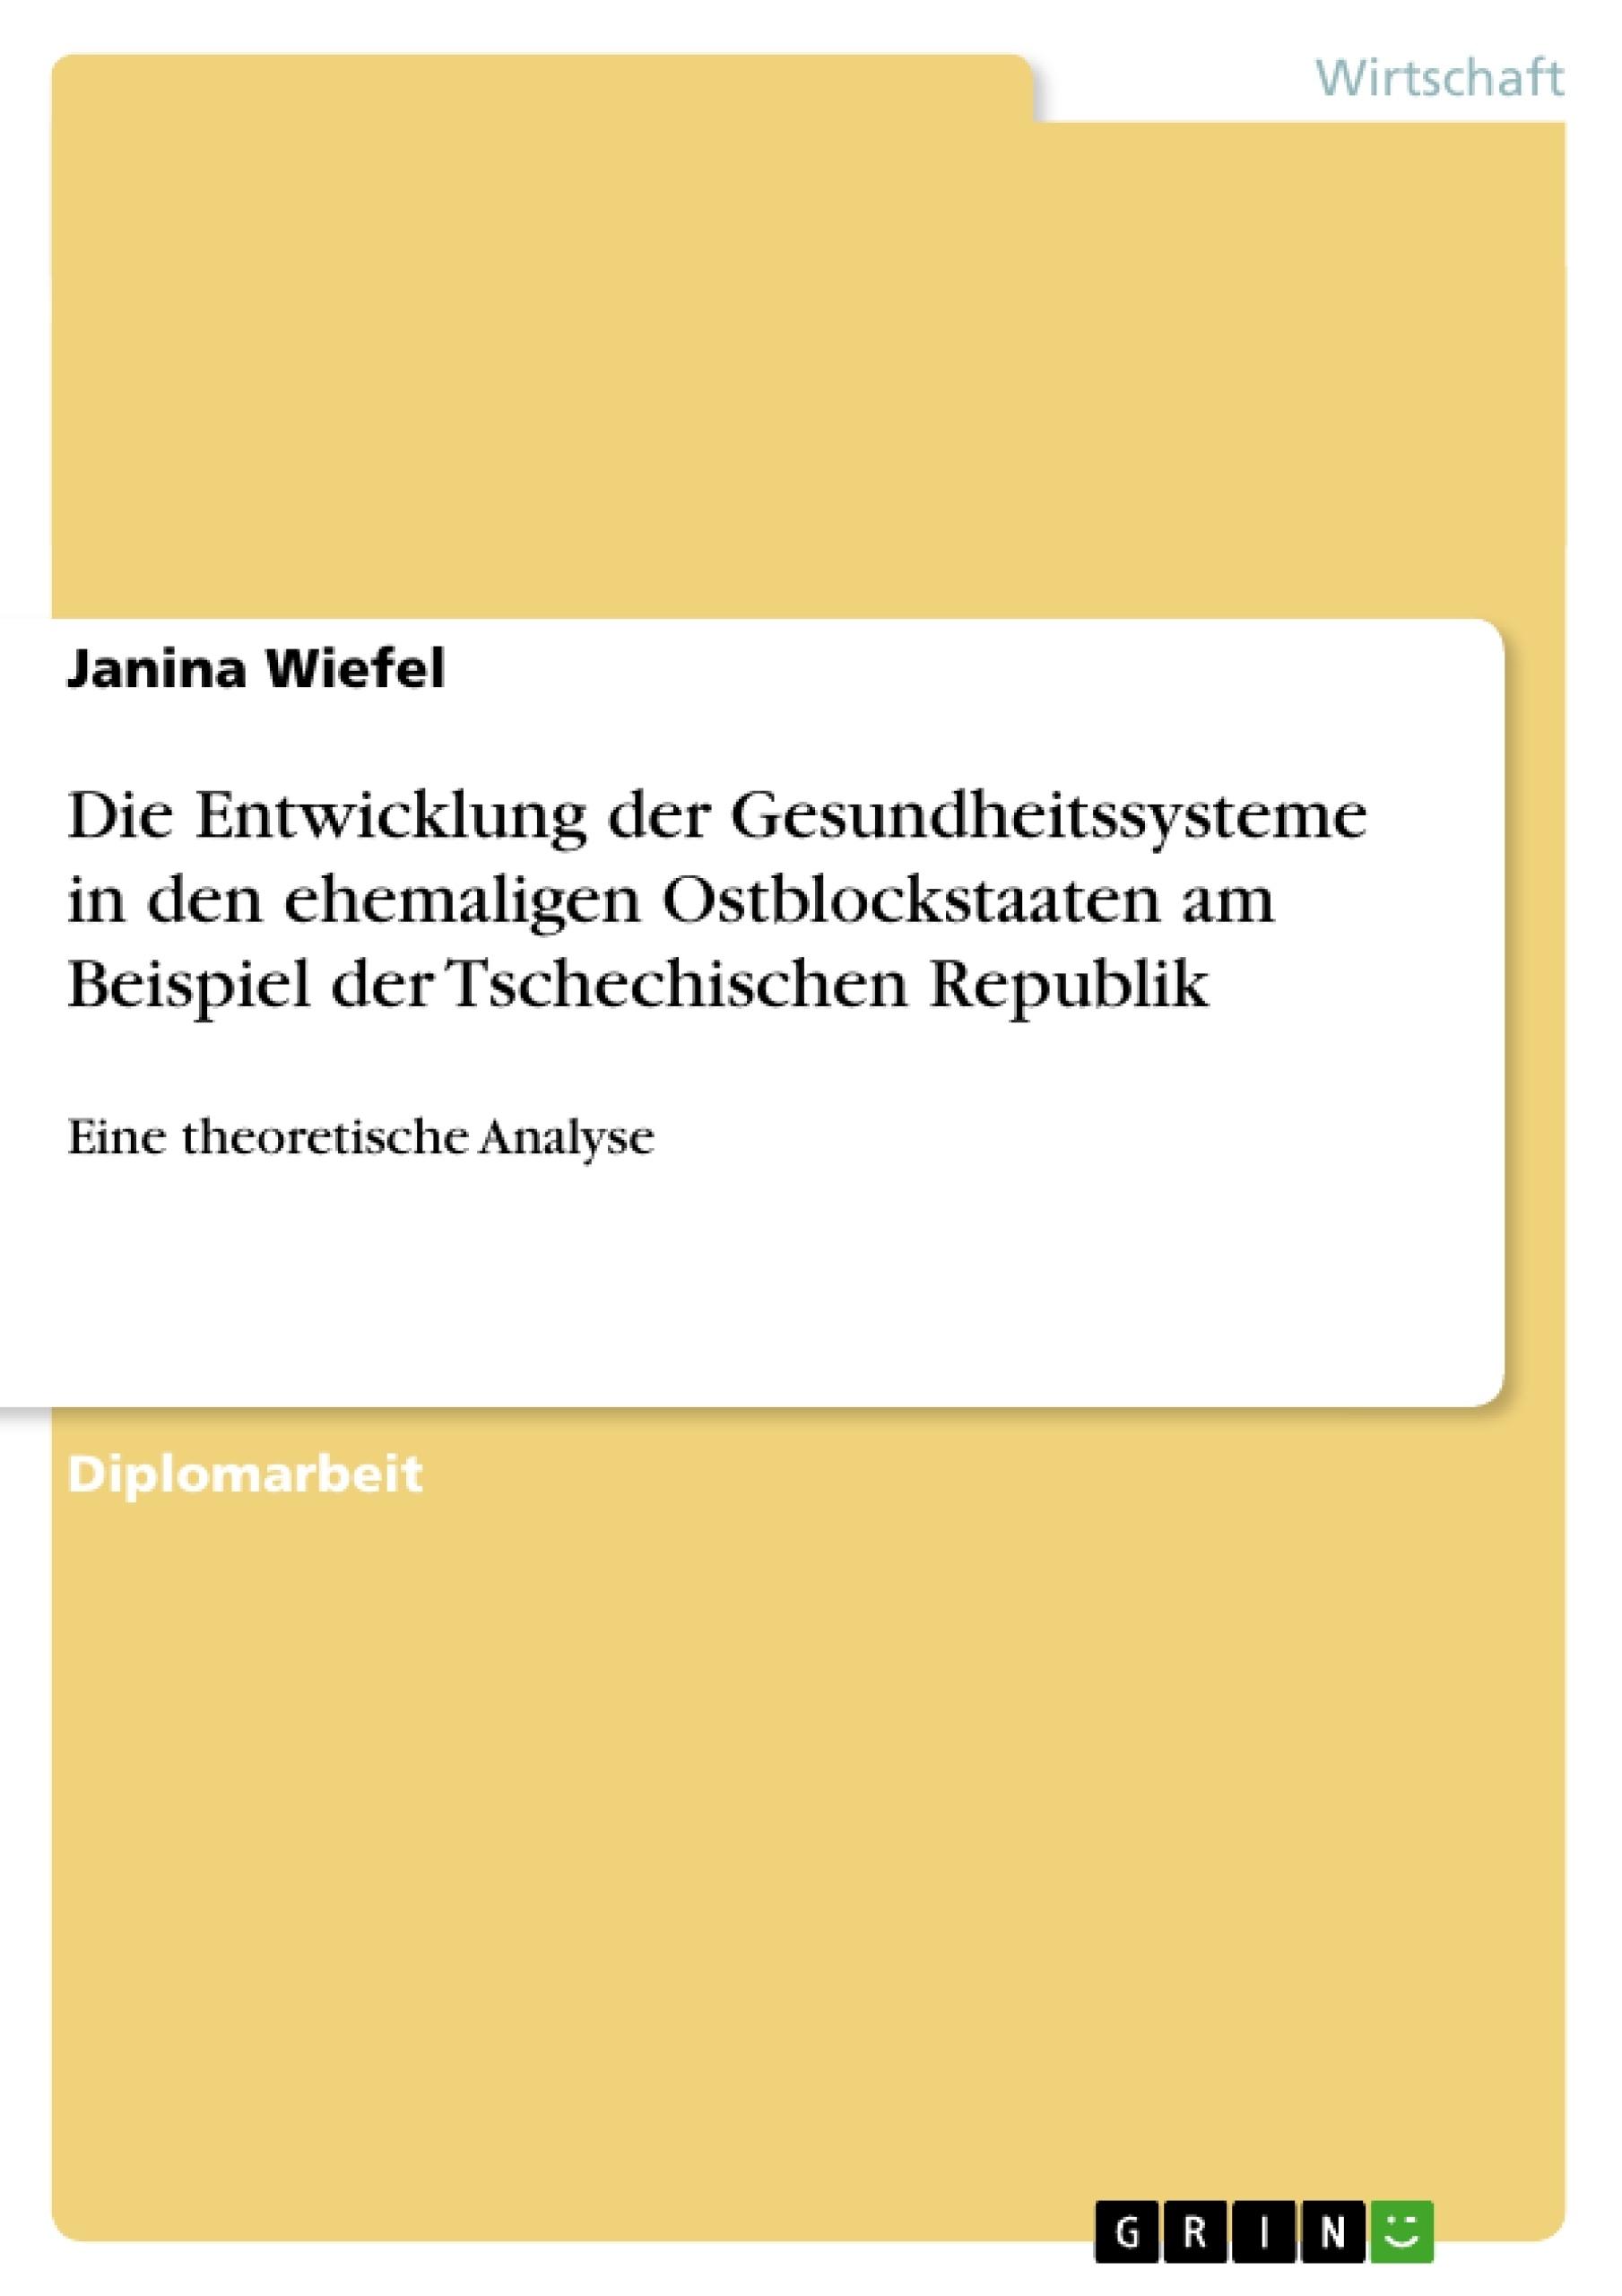 Titel: Die Entwicklung der Gesundheitssysteme in den ehemaligen Ostblockstaaten am Beispiel der Tschechischen Republik